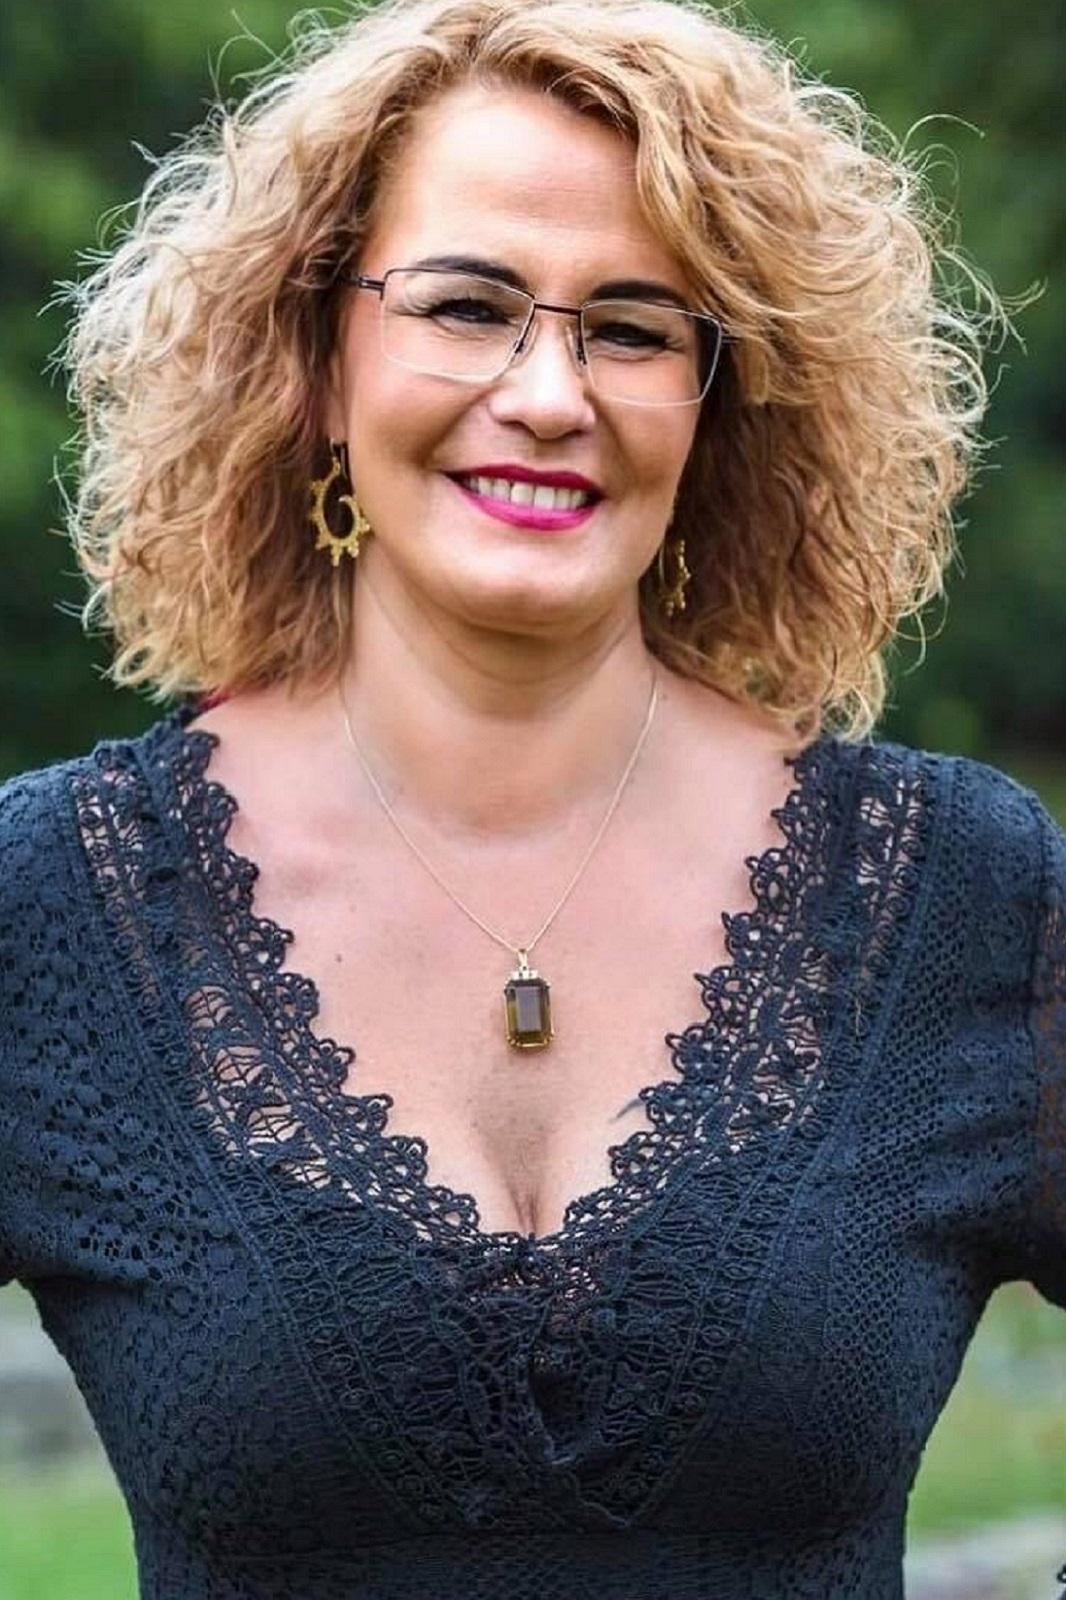 Katja Stoll